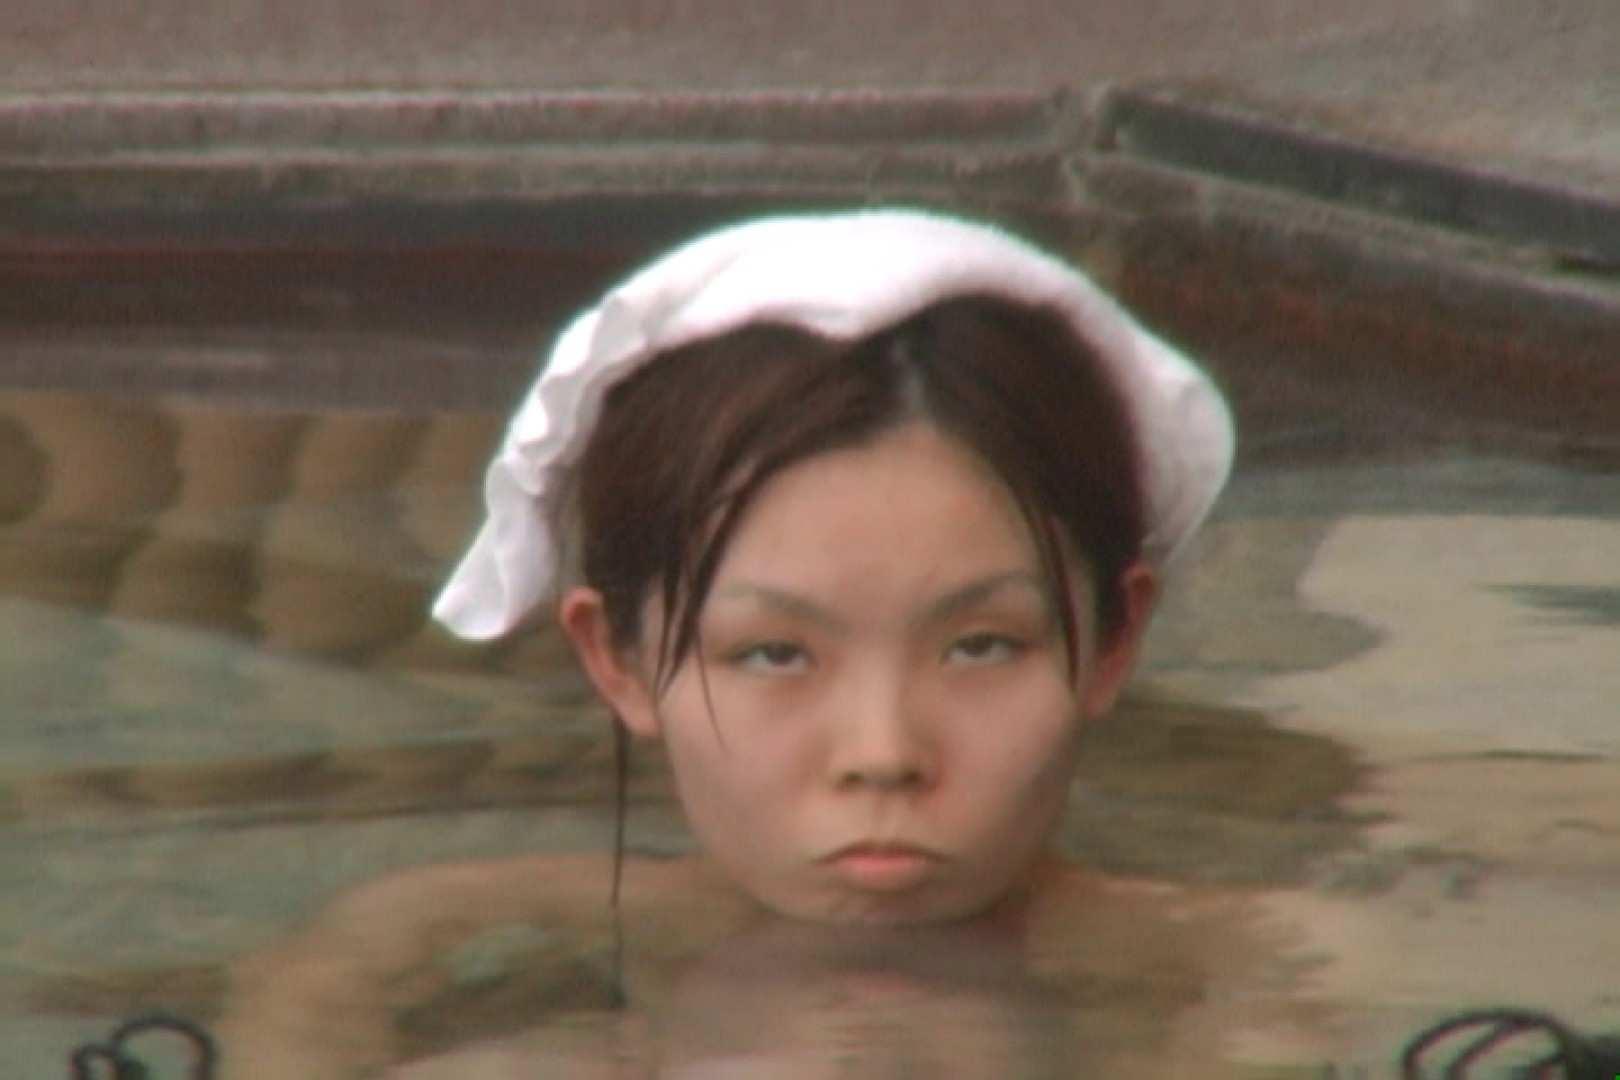 Aquaな露天風呂Vol.580 盗撮師作品 | 美しいOLの裸体  98pic 61